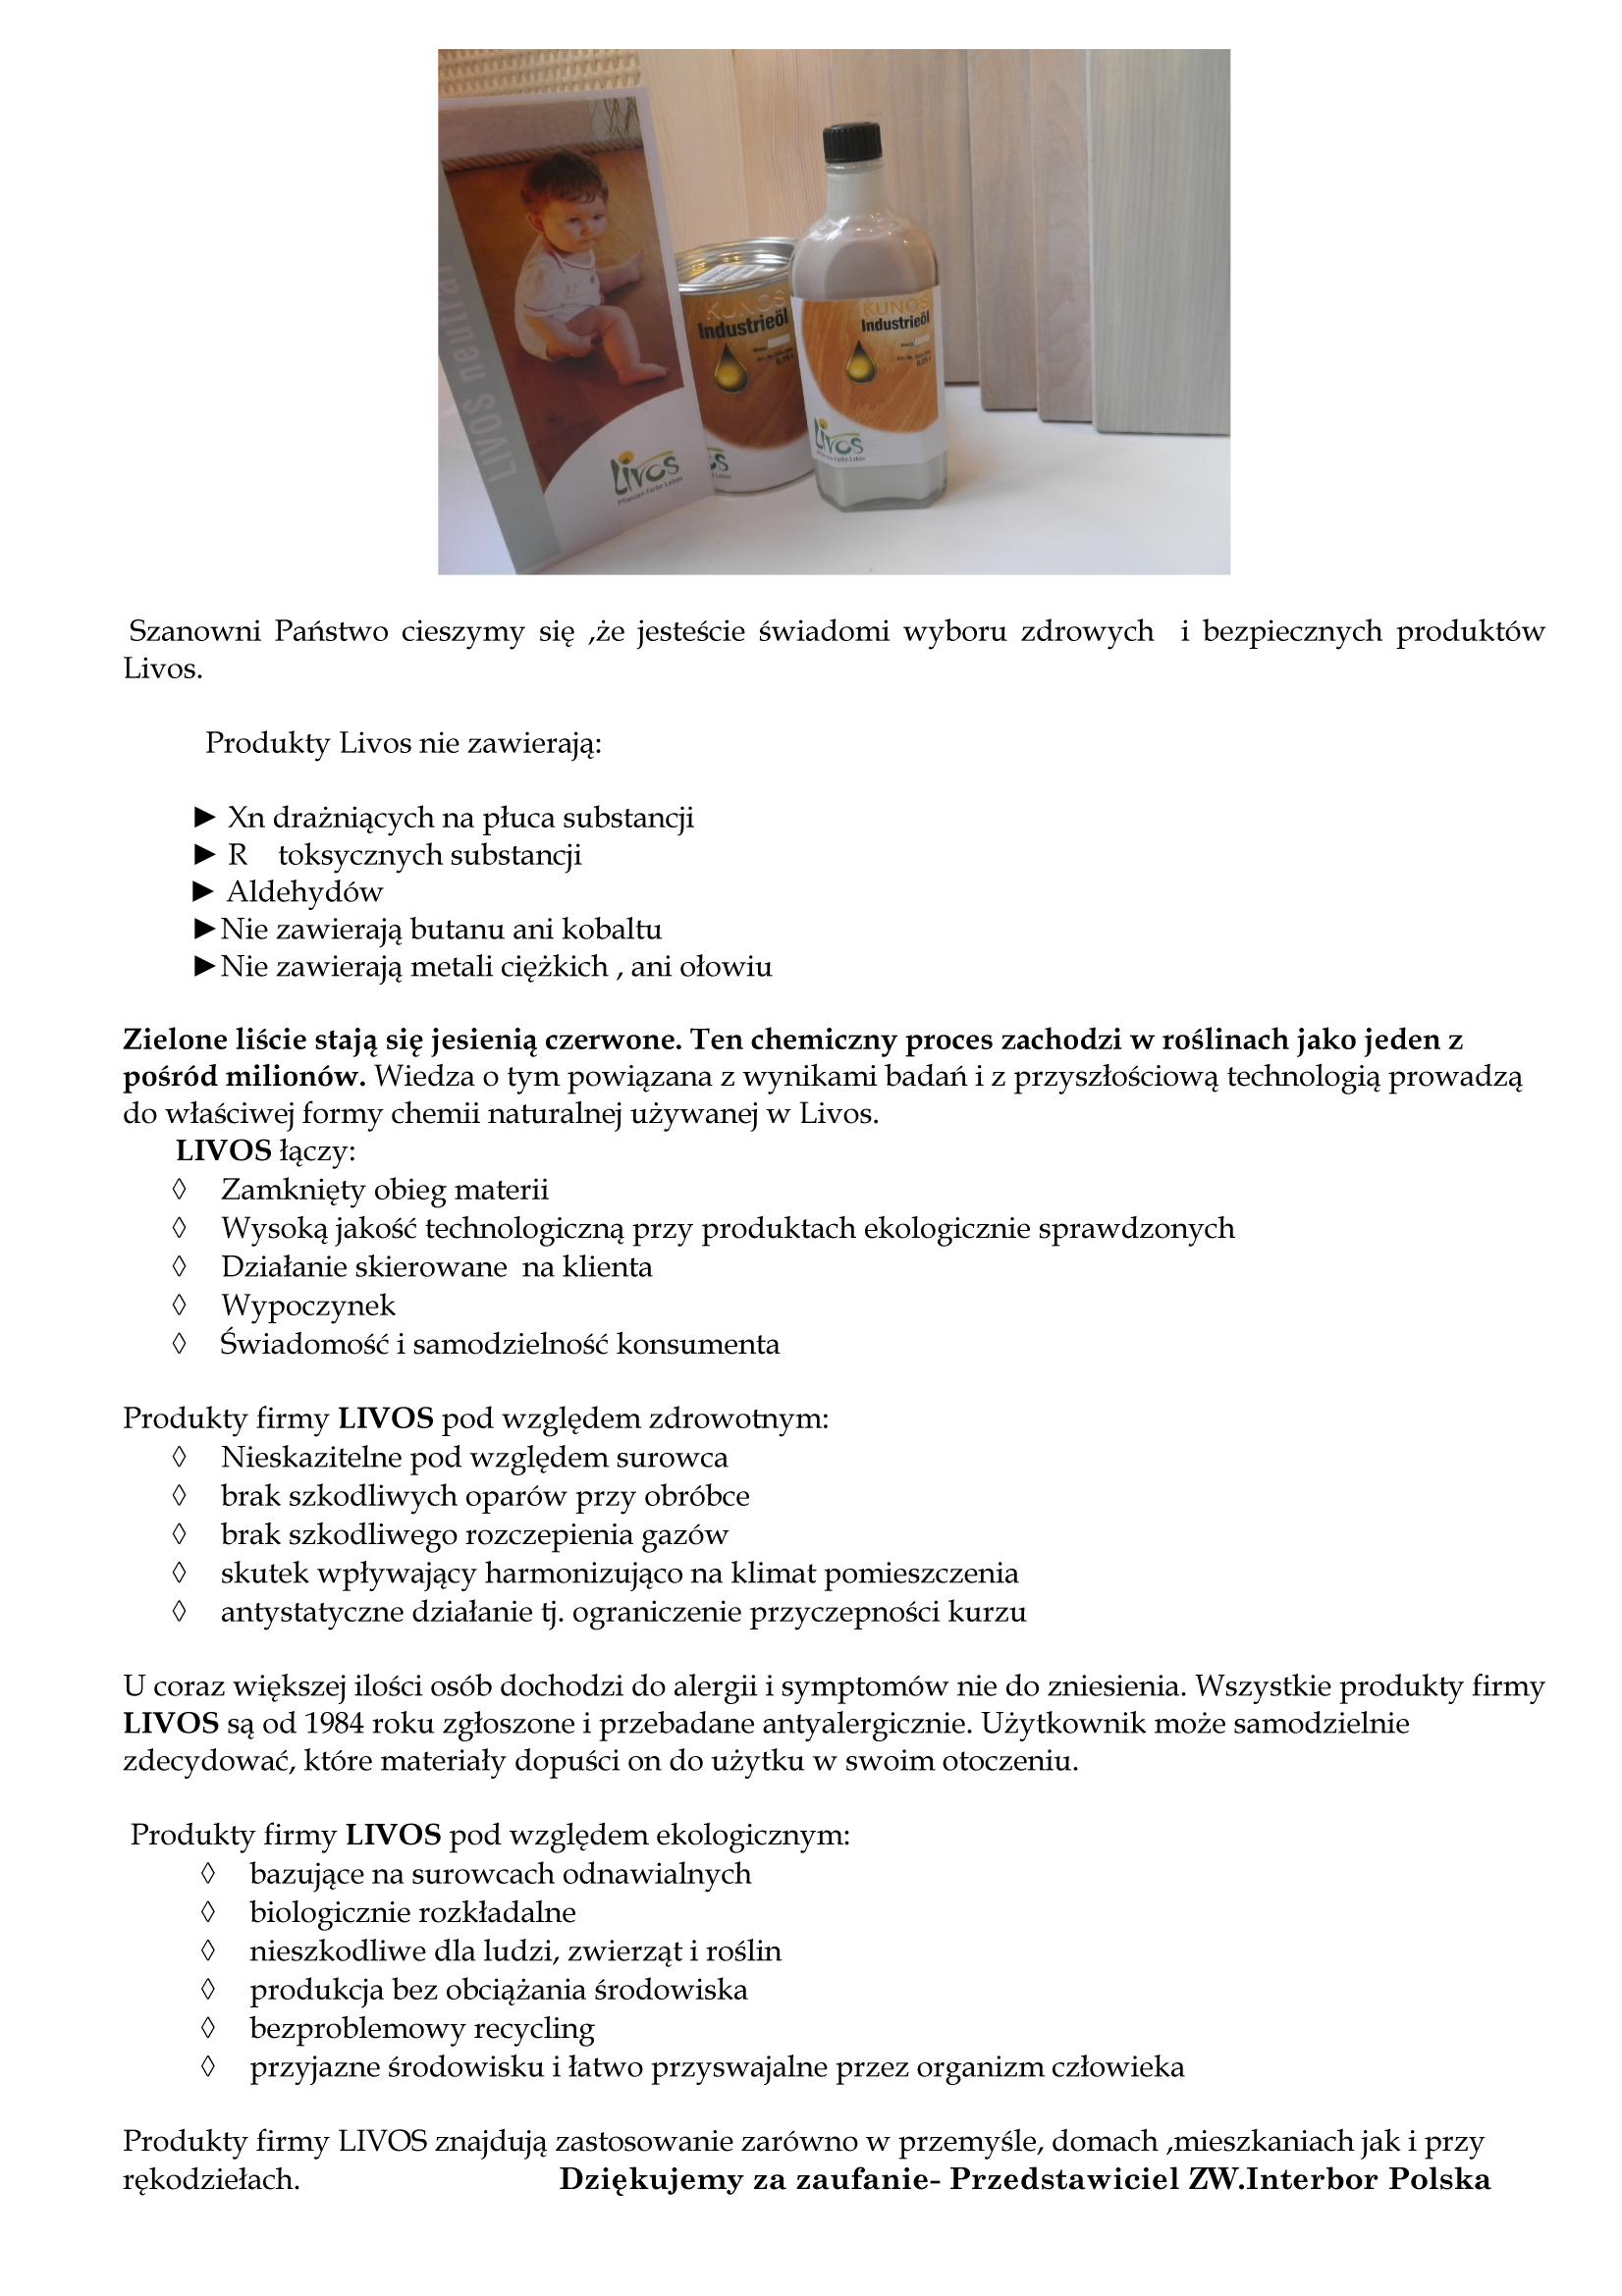 Livos zdrowe i bezpieczne produkty nie dranice